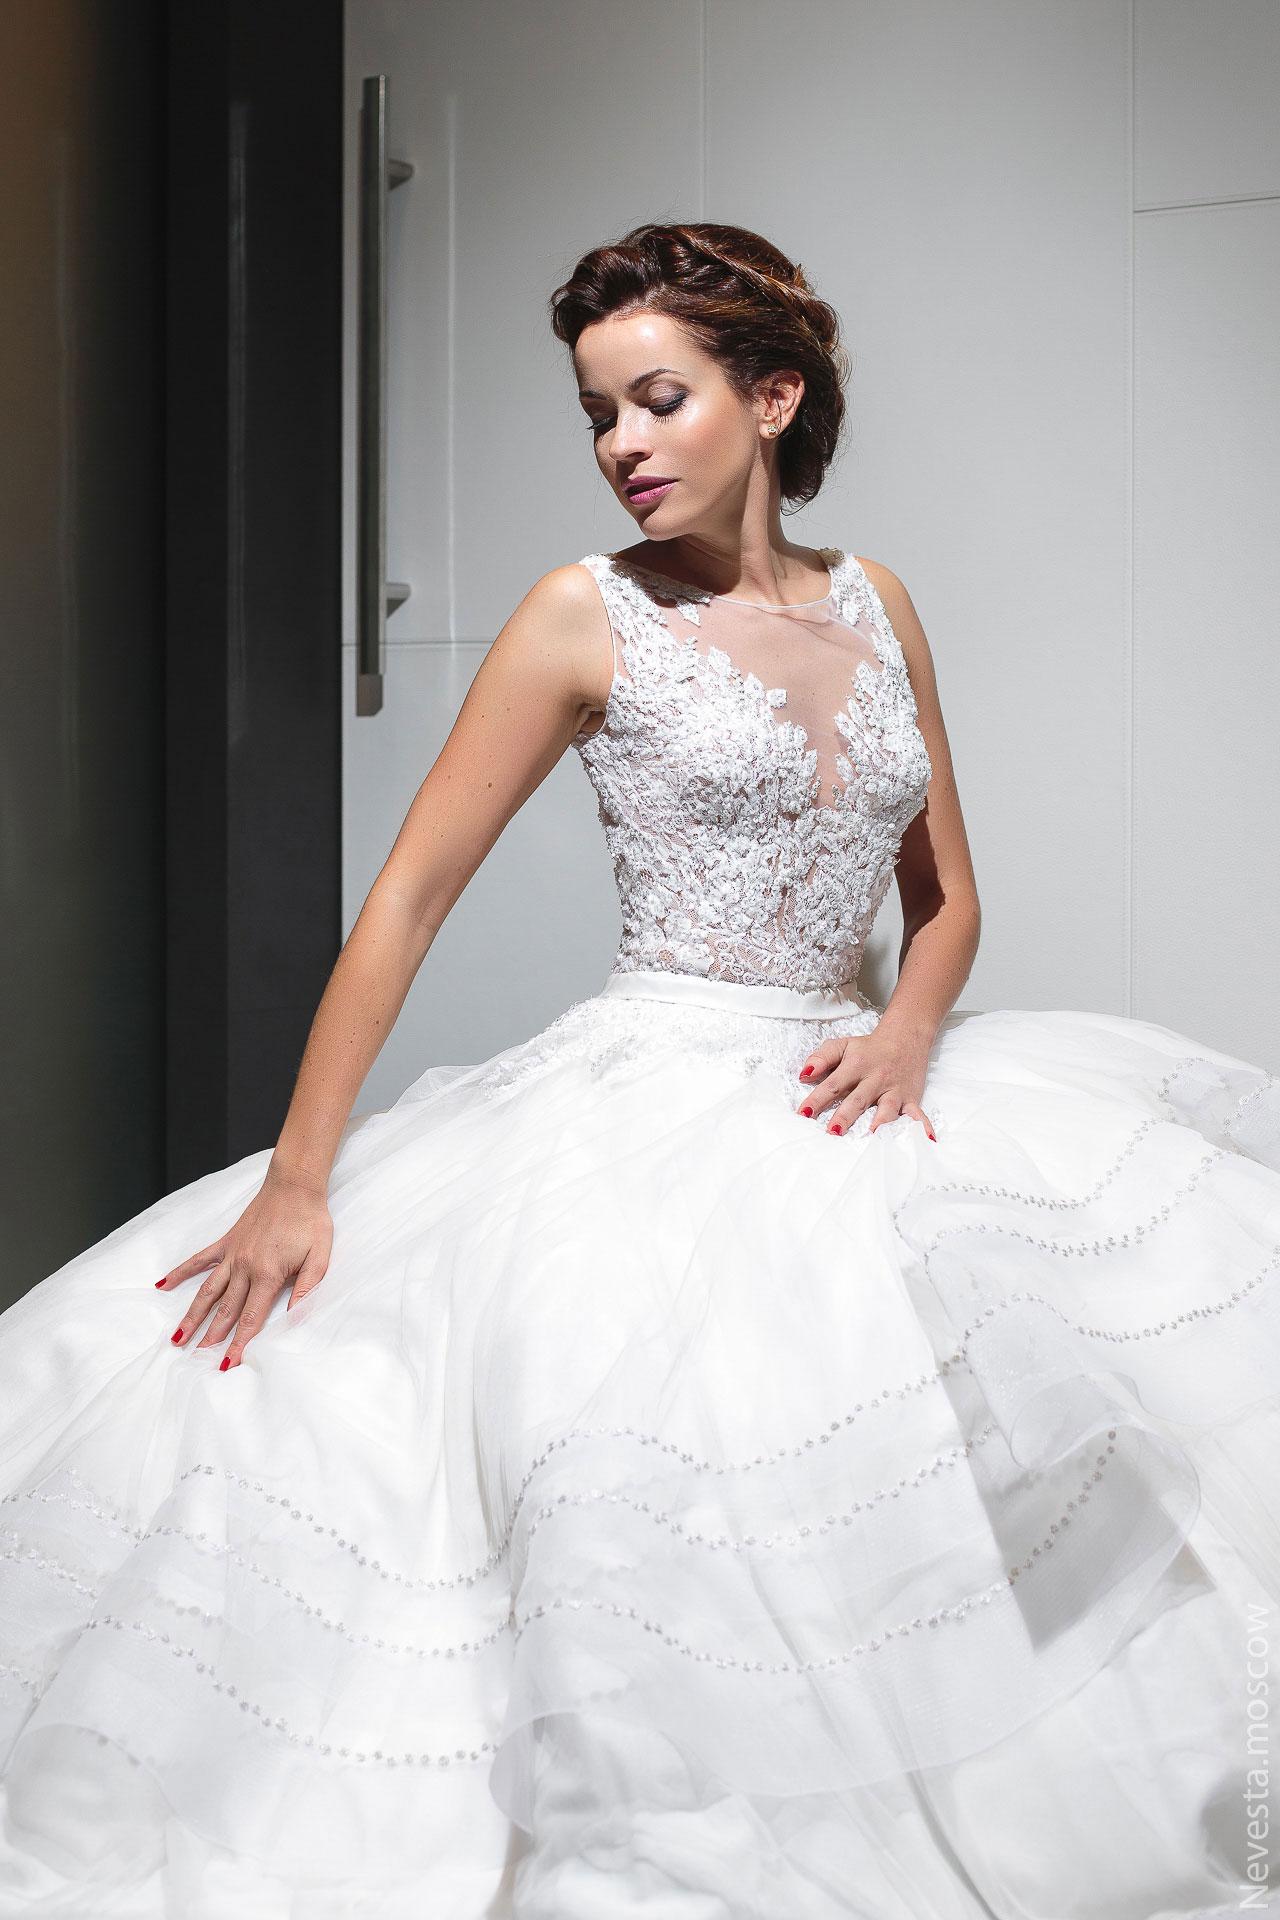 Актриса Ольга Зайцева примеряет образ для свадьбы в Альпах фото 3